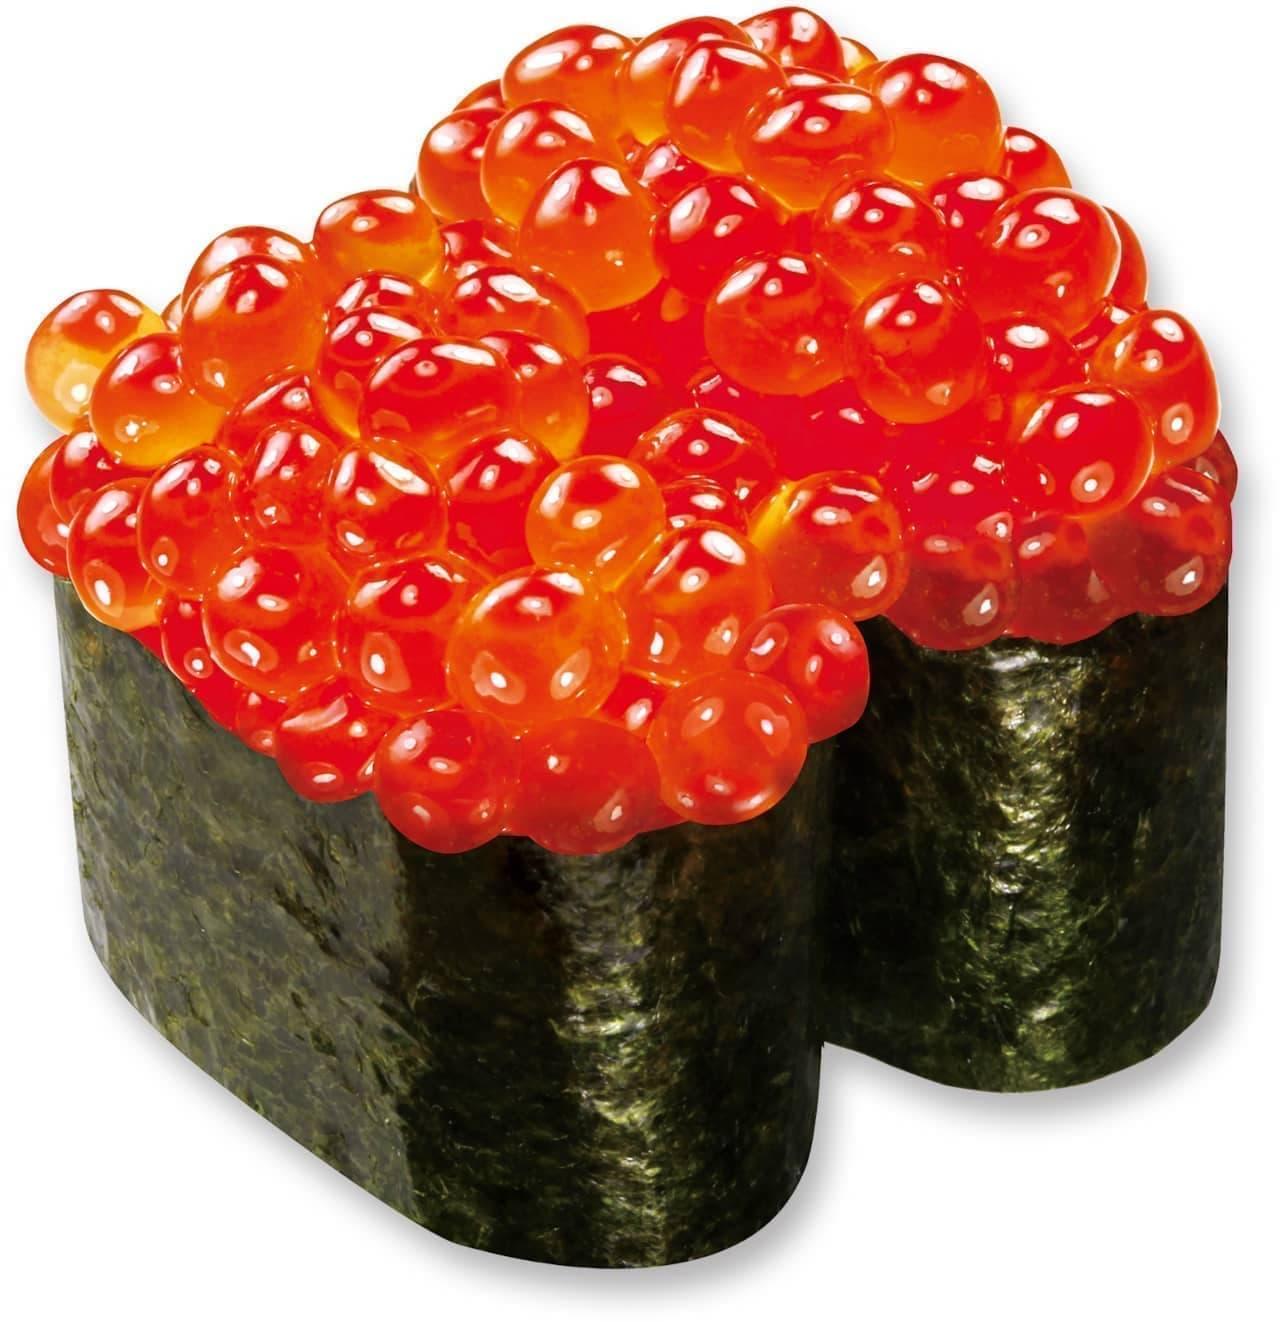 くら寿司「熟成とろVSいくらフェア」